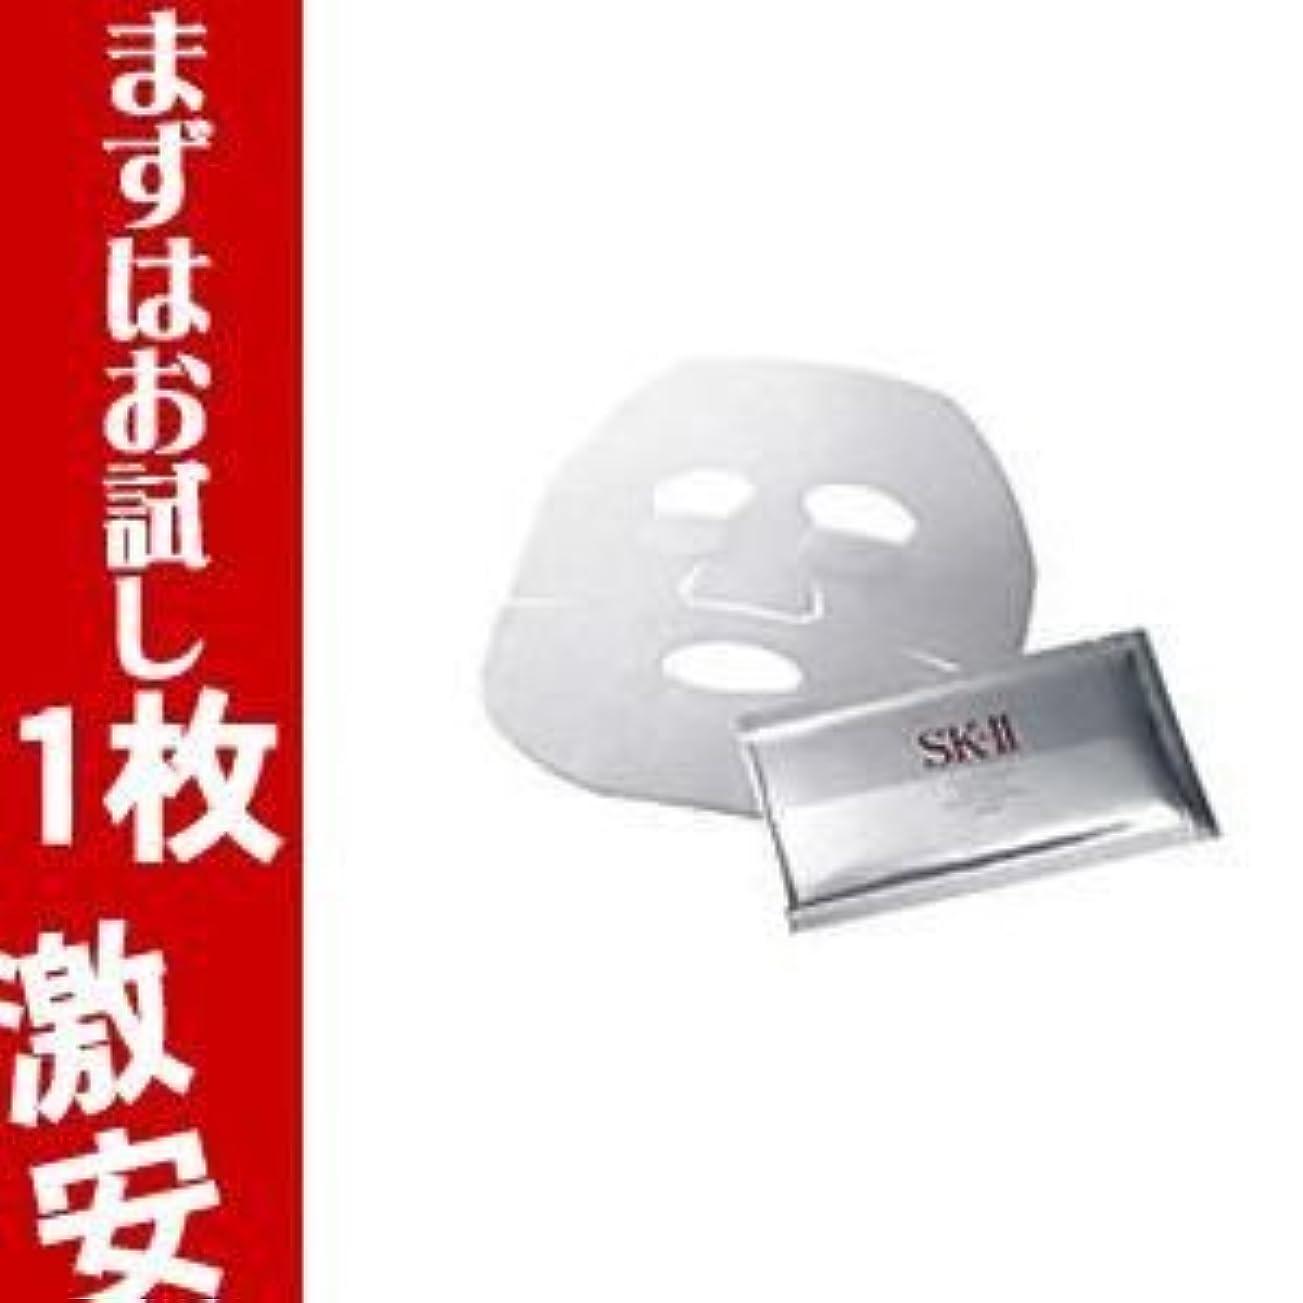 非難する宣言自然公園【SK-II SK-2】 ホワイトニングソース ダーム リバイバル マスク 1枚  【箱なし】